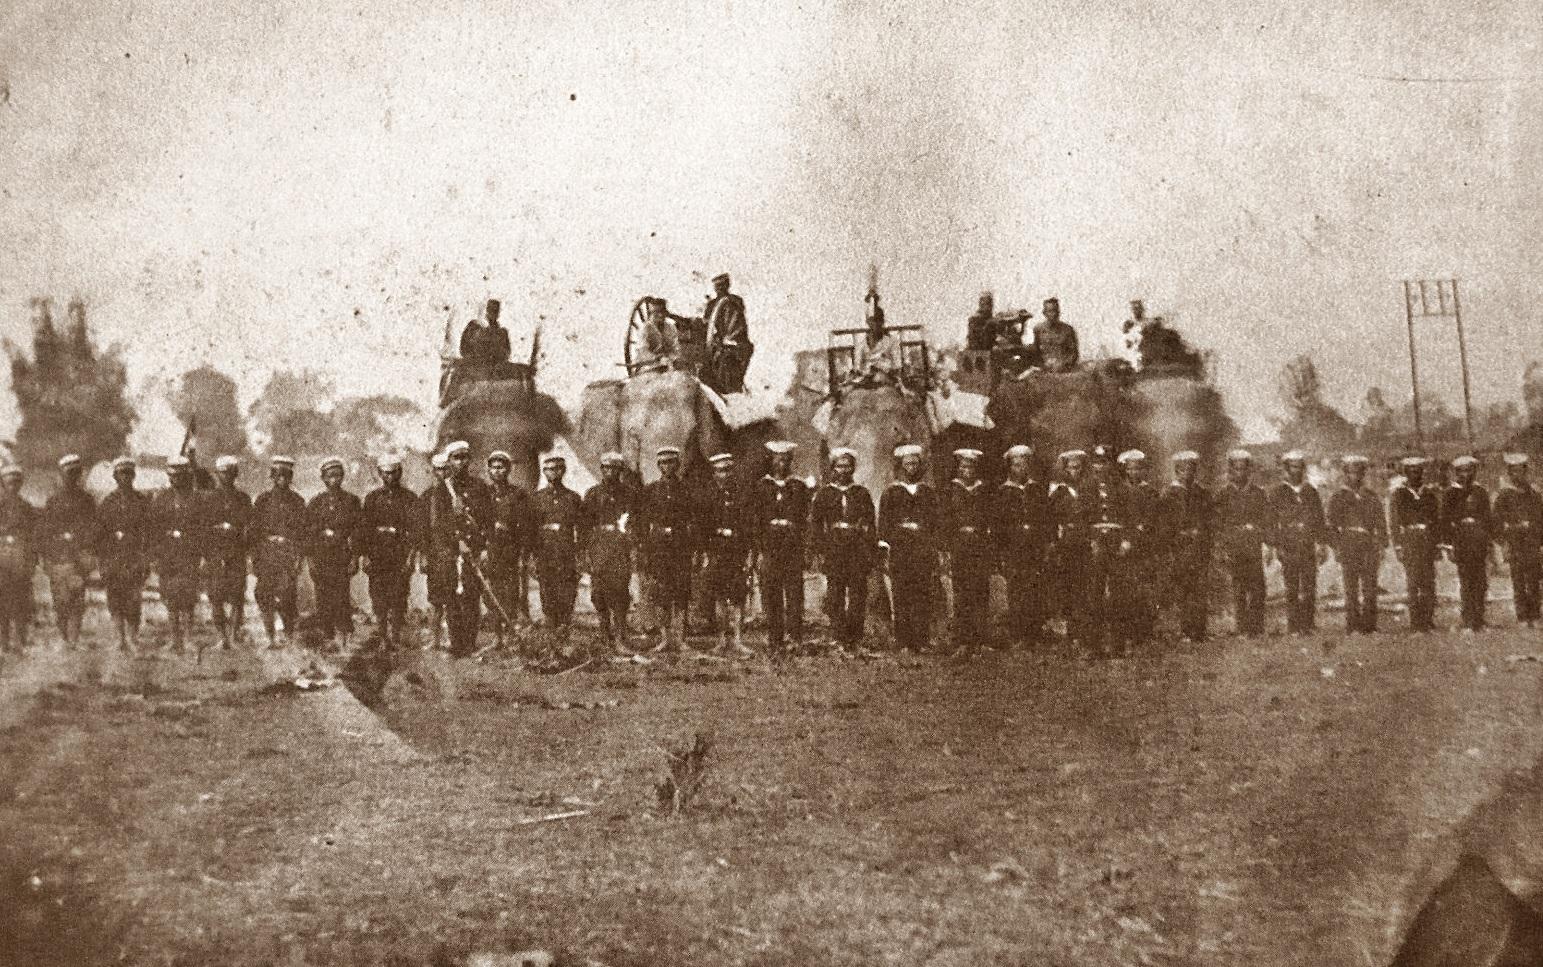 Description army of thailand in haw wars 1875